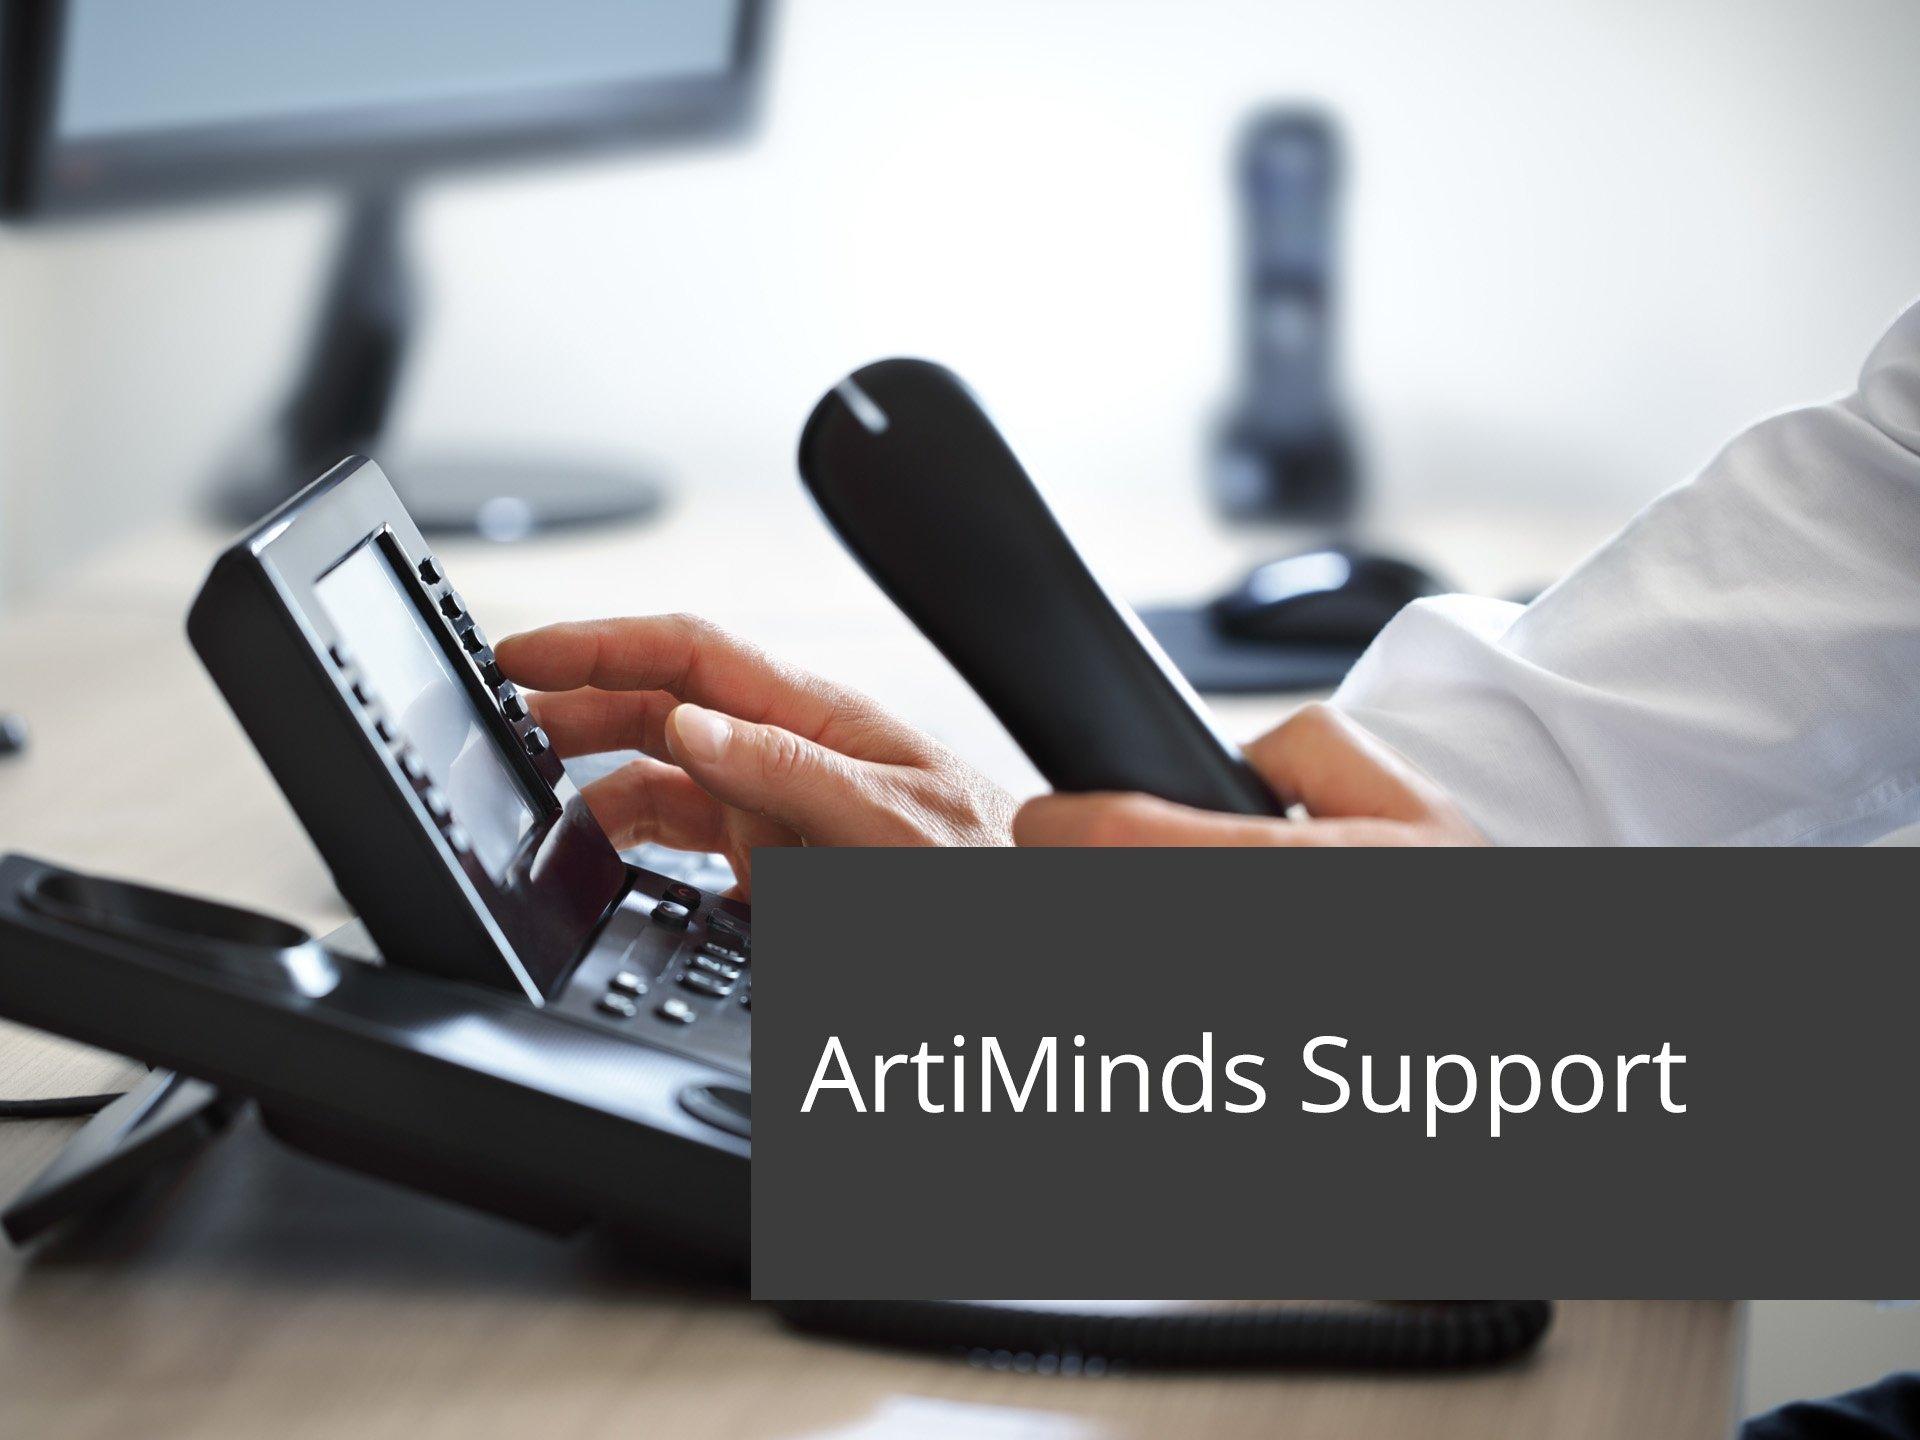 ArtiMinds-Robotics – Wir sind an Ihrer Seite mit dem ArtiMinds Support.